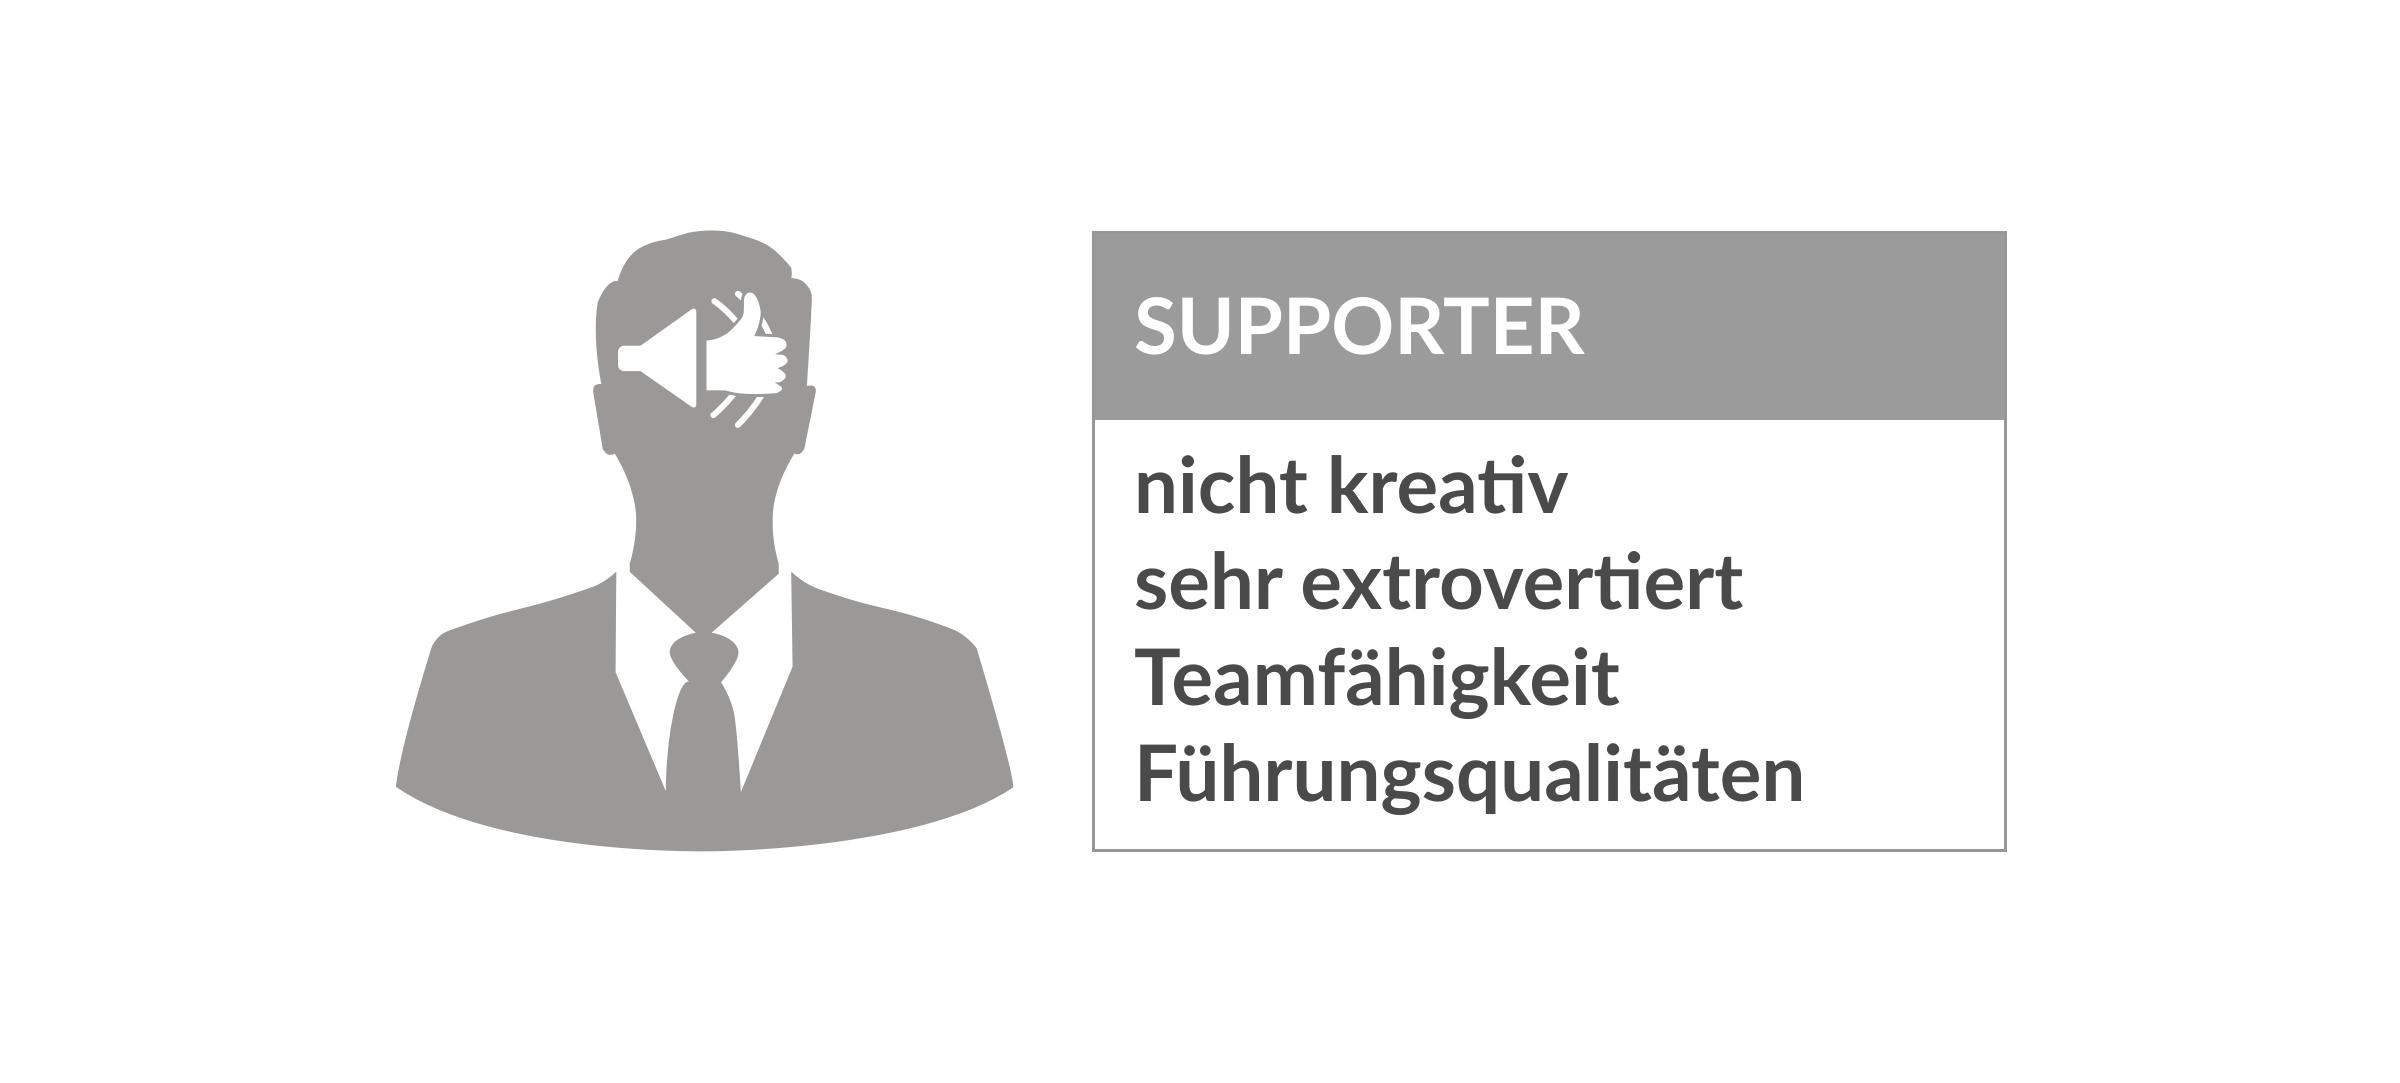 Persönlichkeitstypen Supporter